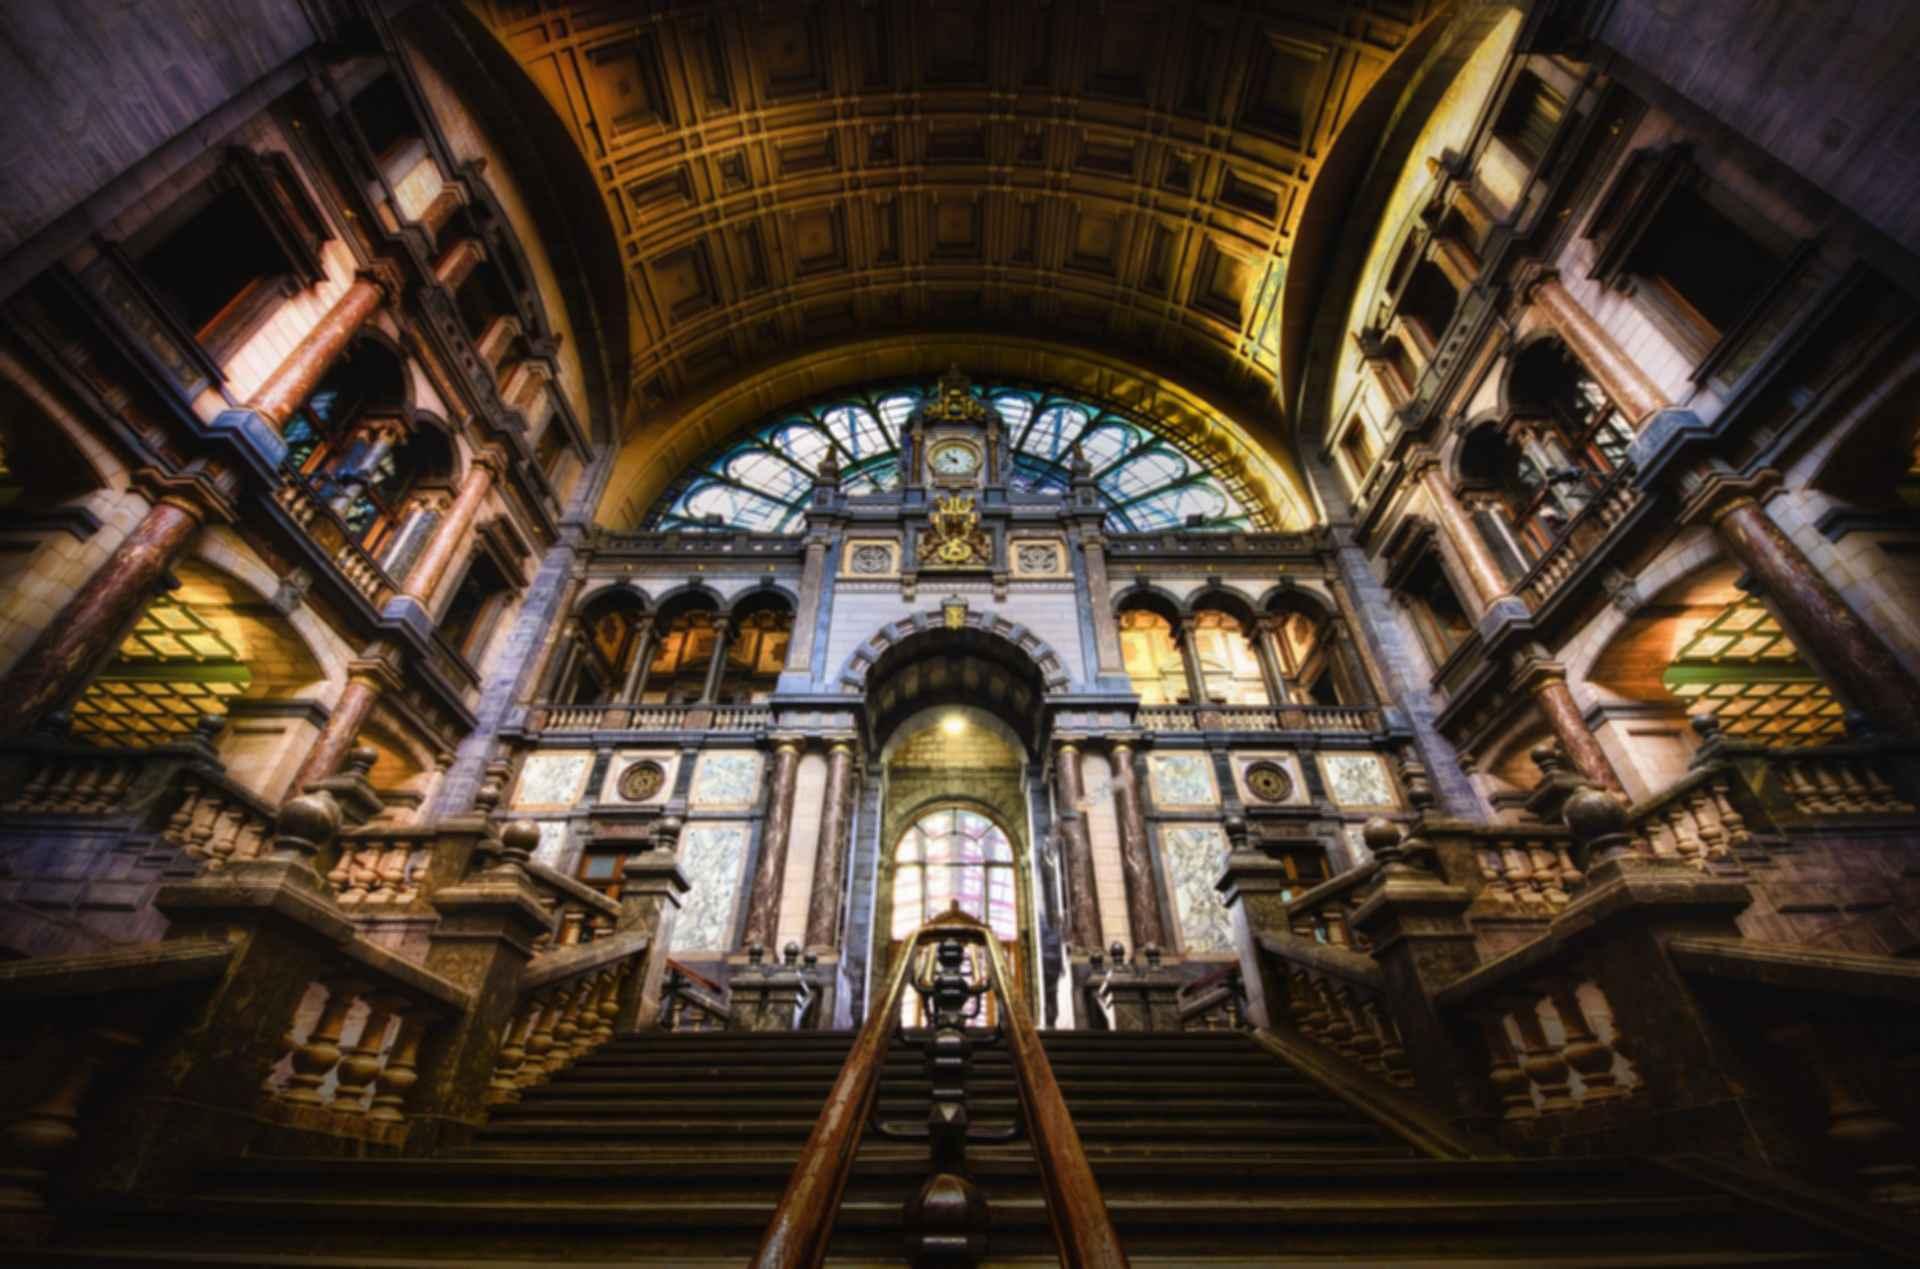 Antwerpen-Centraal Station - interior/stairwell